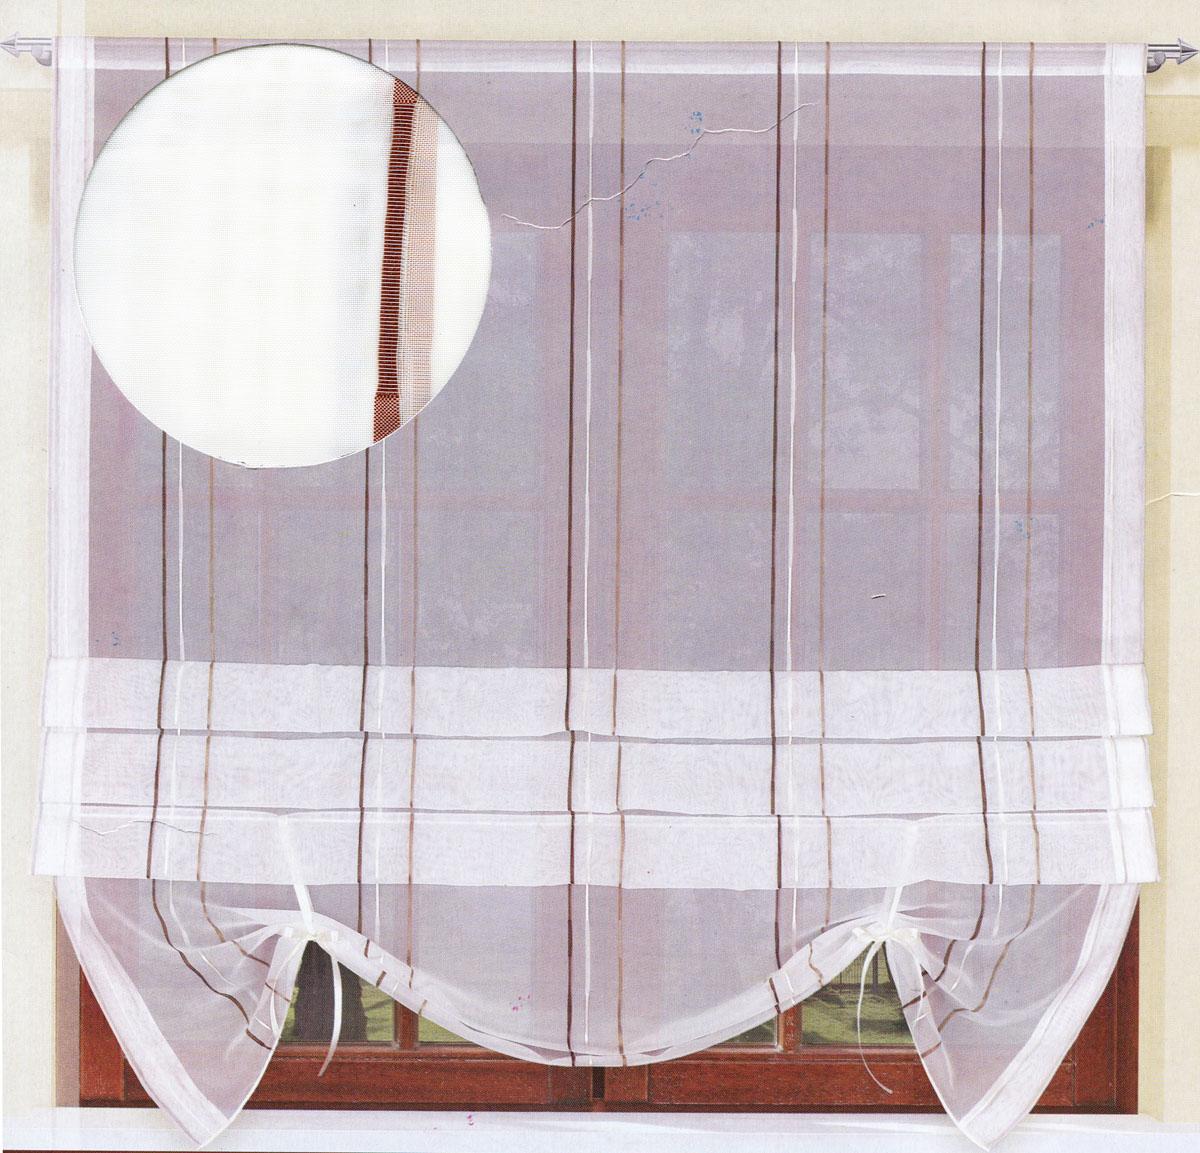 Гардина Haft, на ленте, цвет: молочный, высота 160 см. 200990/160200990/160Гардина Haft, изготовленная из органзы (100% полиэстера), великолепно украсит любое окно. Воздушная ткань, принт в полоску и приятная, приглушенная гамма привлекут к себе внимание и органично впишутся в интерьер помещения. Полиэстер - вид ткани, состоящий из полиэфирных волокон. Ткани из полиэстера - легкие, прочные и износостойкие. Такие изделия не требуют специального ухода, не пылятся и почти не мнутся.Гардина крепится на карниз при помощи ленты, которая поможет красиво и равномерно задрапировать верх. Такая гардина идеально оформит интерьер любого помещения.